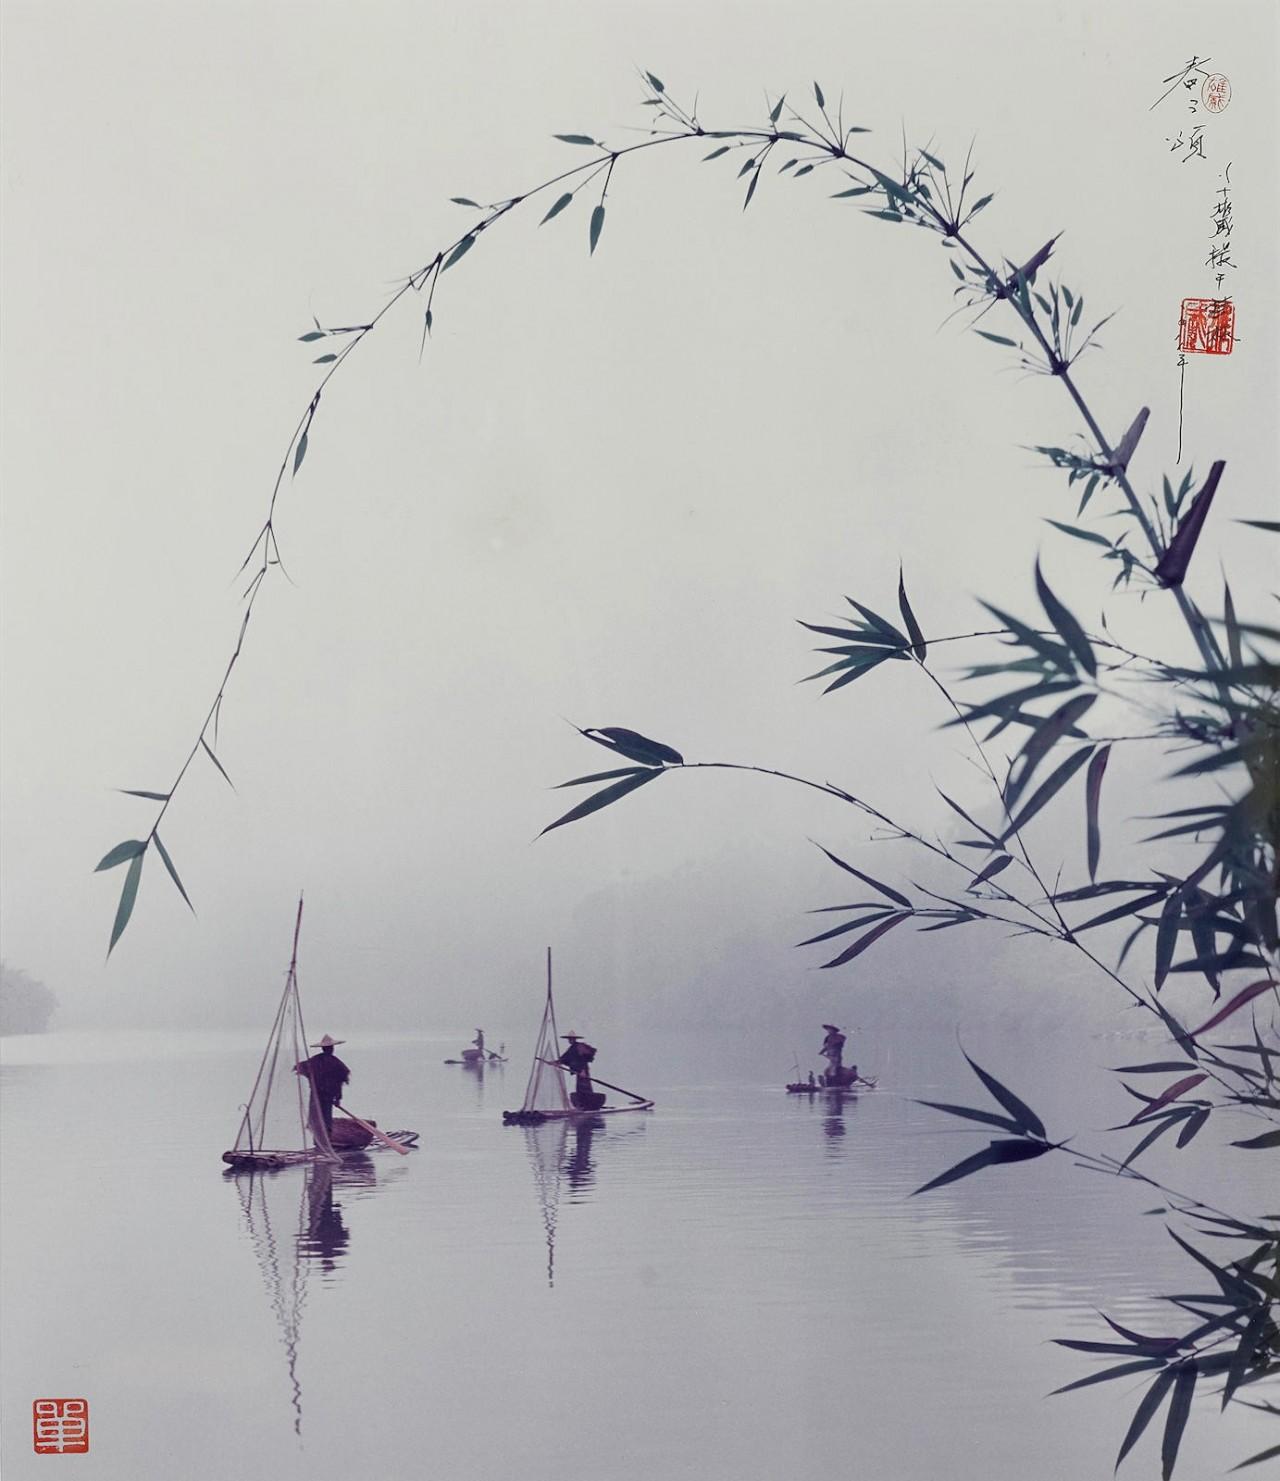 Рыбаки, 1988. Автор Дон Хонг-Оай